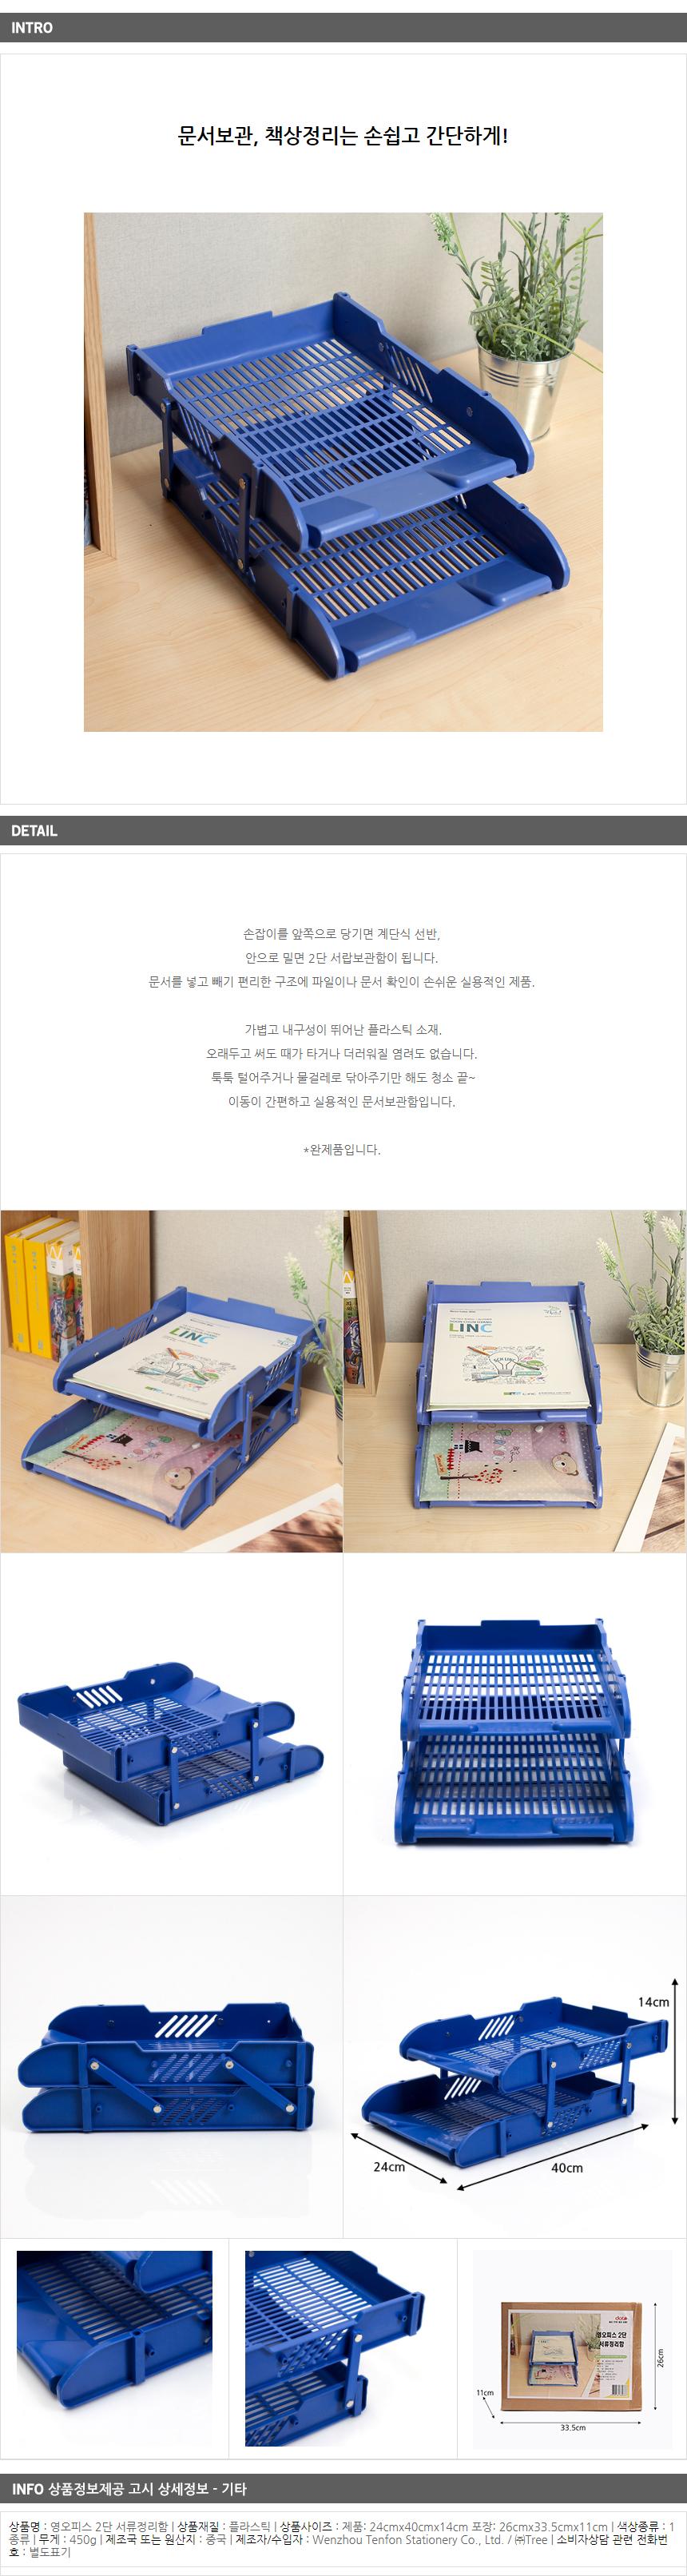 영오피스 2단 서류정리함 /서류함 서류보관 문서정리 - 기프트갓, 8,690원, 데스크정리, 서류/파일홀더